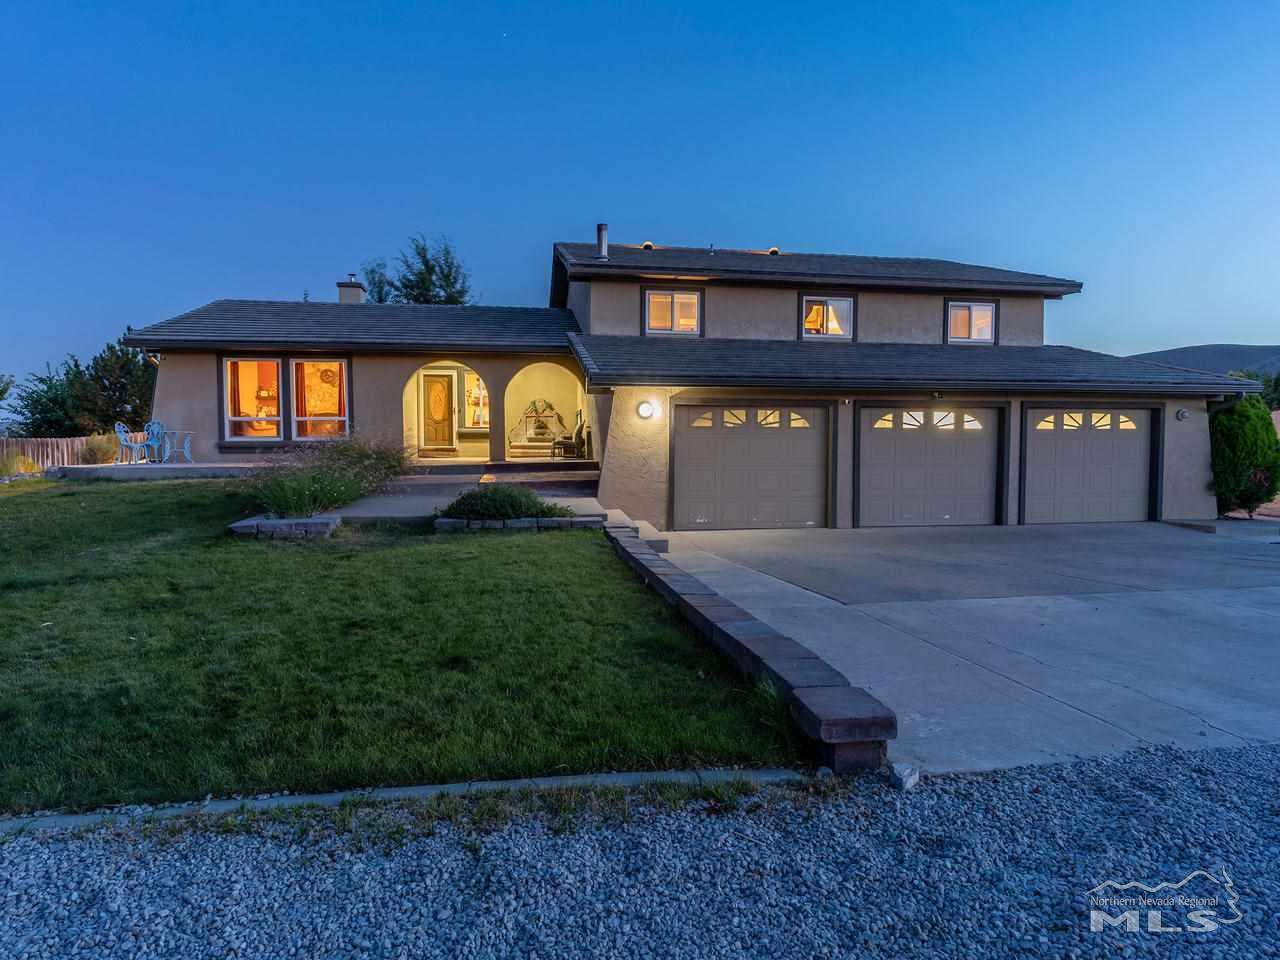 Image for 10660 Plata Mesa Drive, Reno, NV 89508